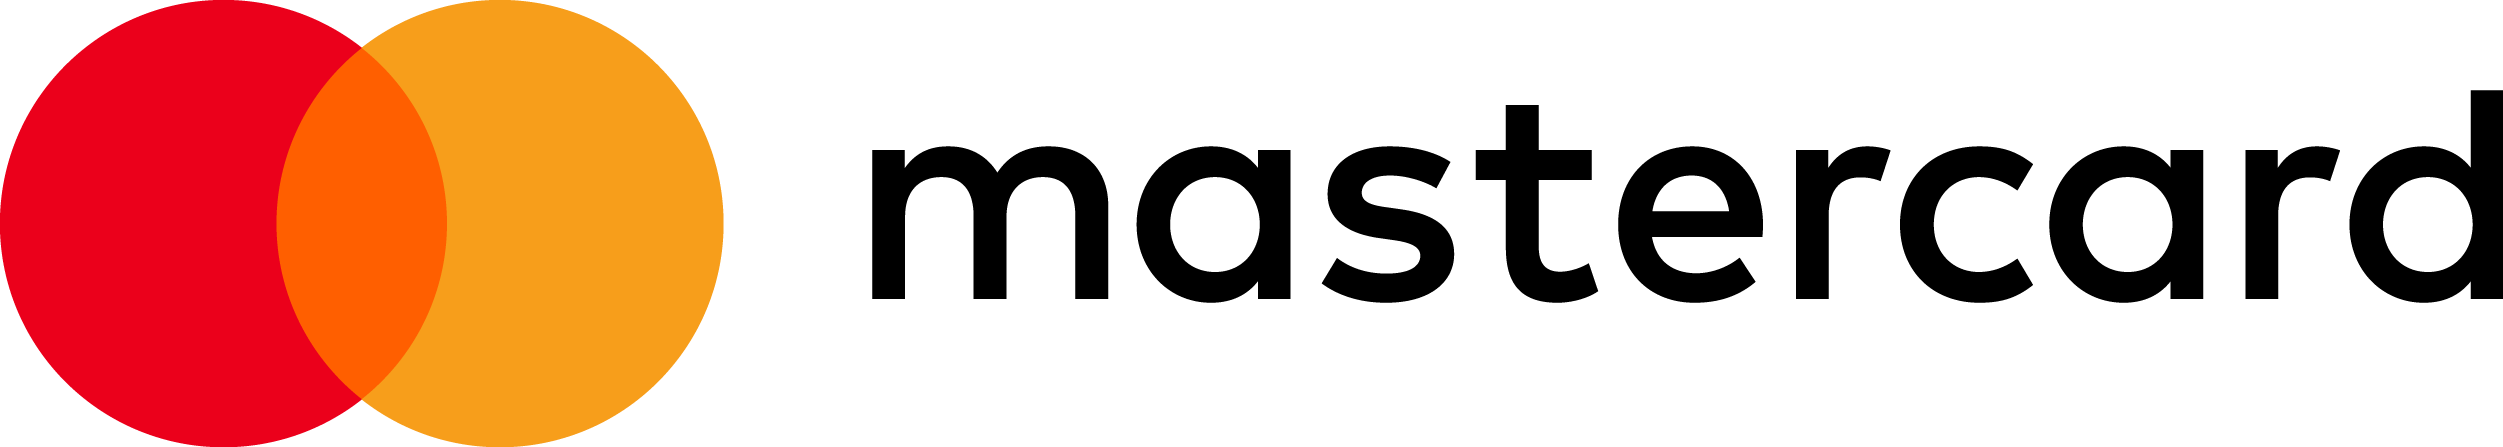 Mastercard PNG - 17221